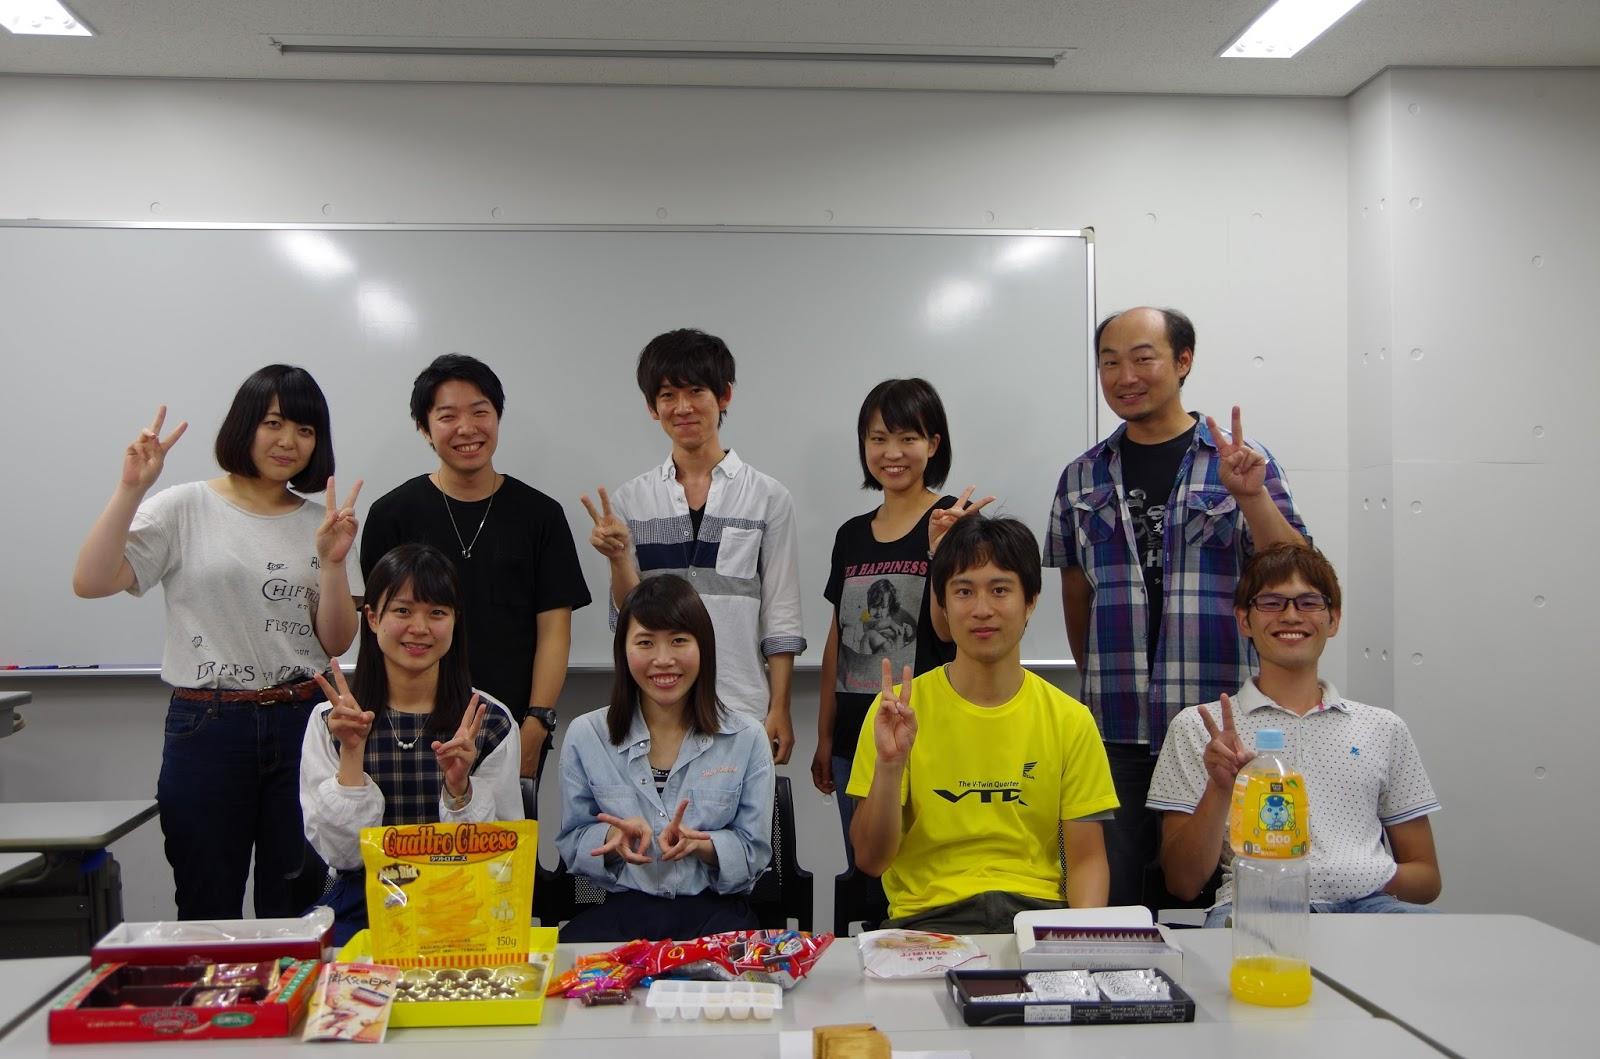 東京理科大学薬学部の口コミ | みんなの大学情報